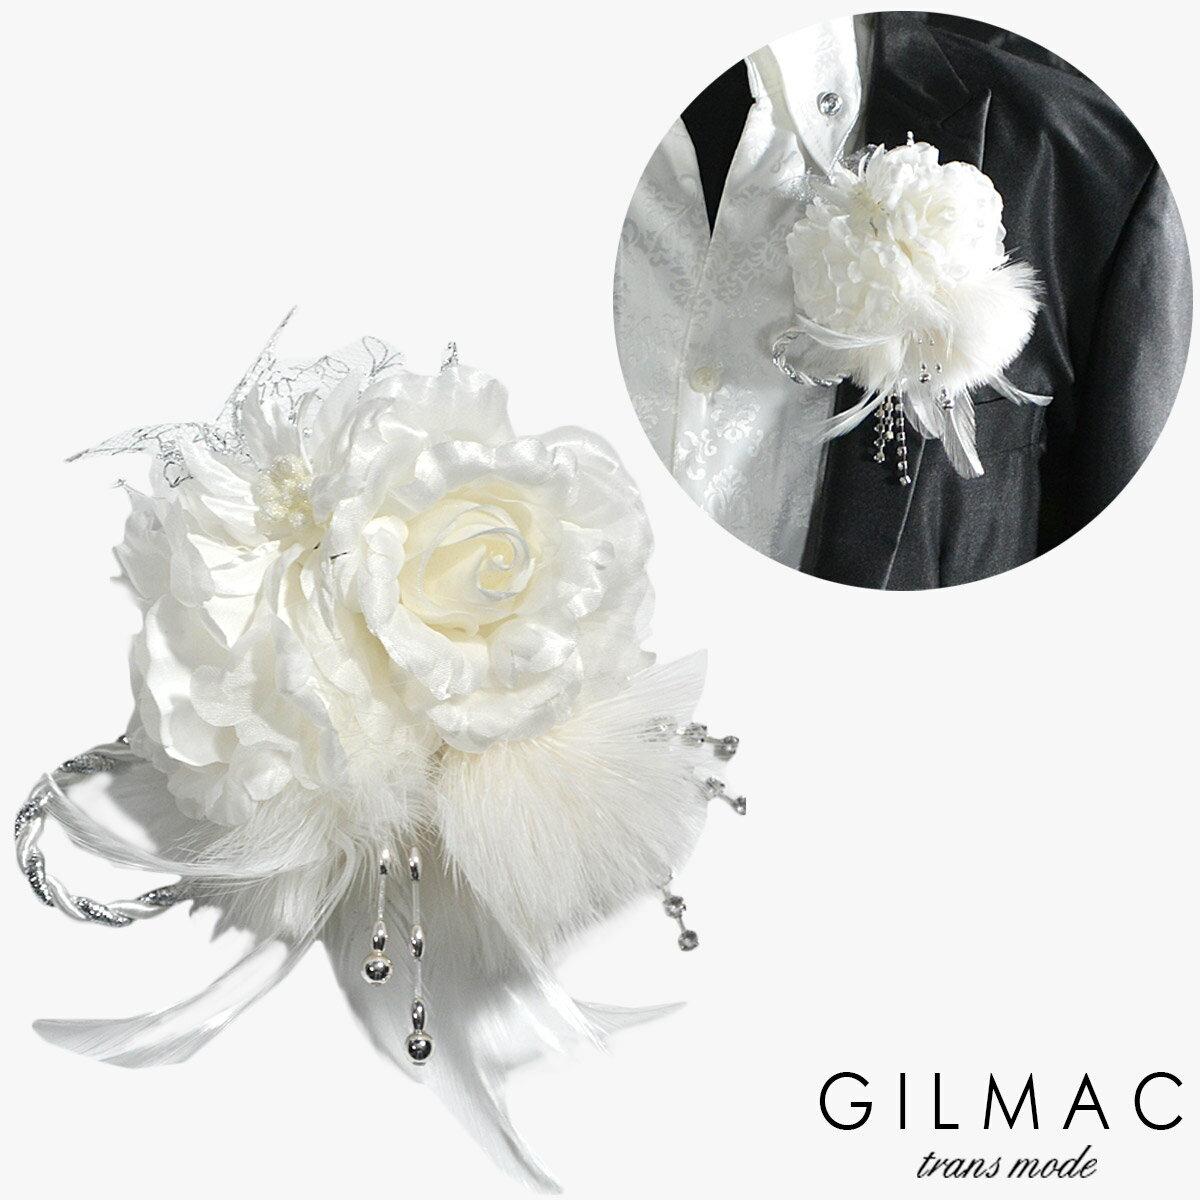 コサージュ 薔薇 フェザー ツイストロープ ブローチ コサージュ 日本製 結婚式 ホスト メンズ mens(ホワイト白) k5704